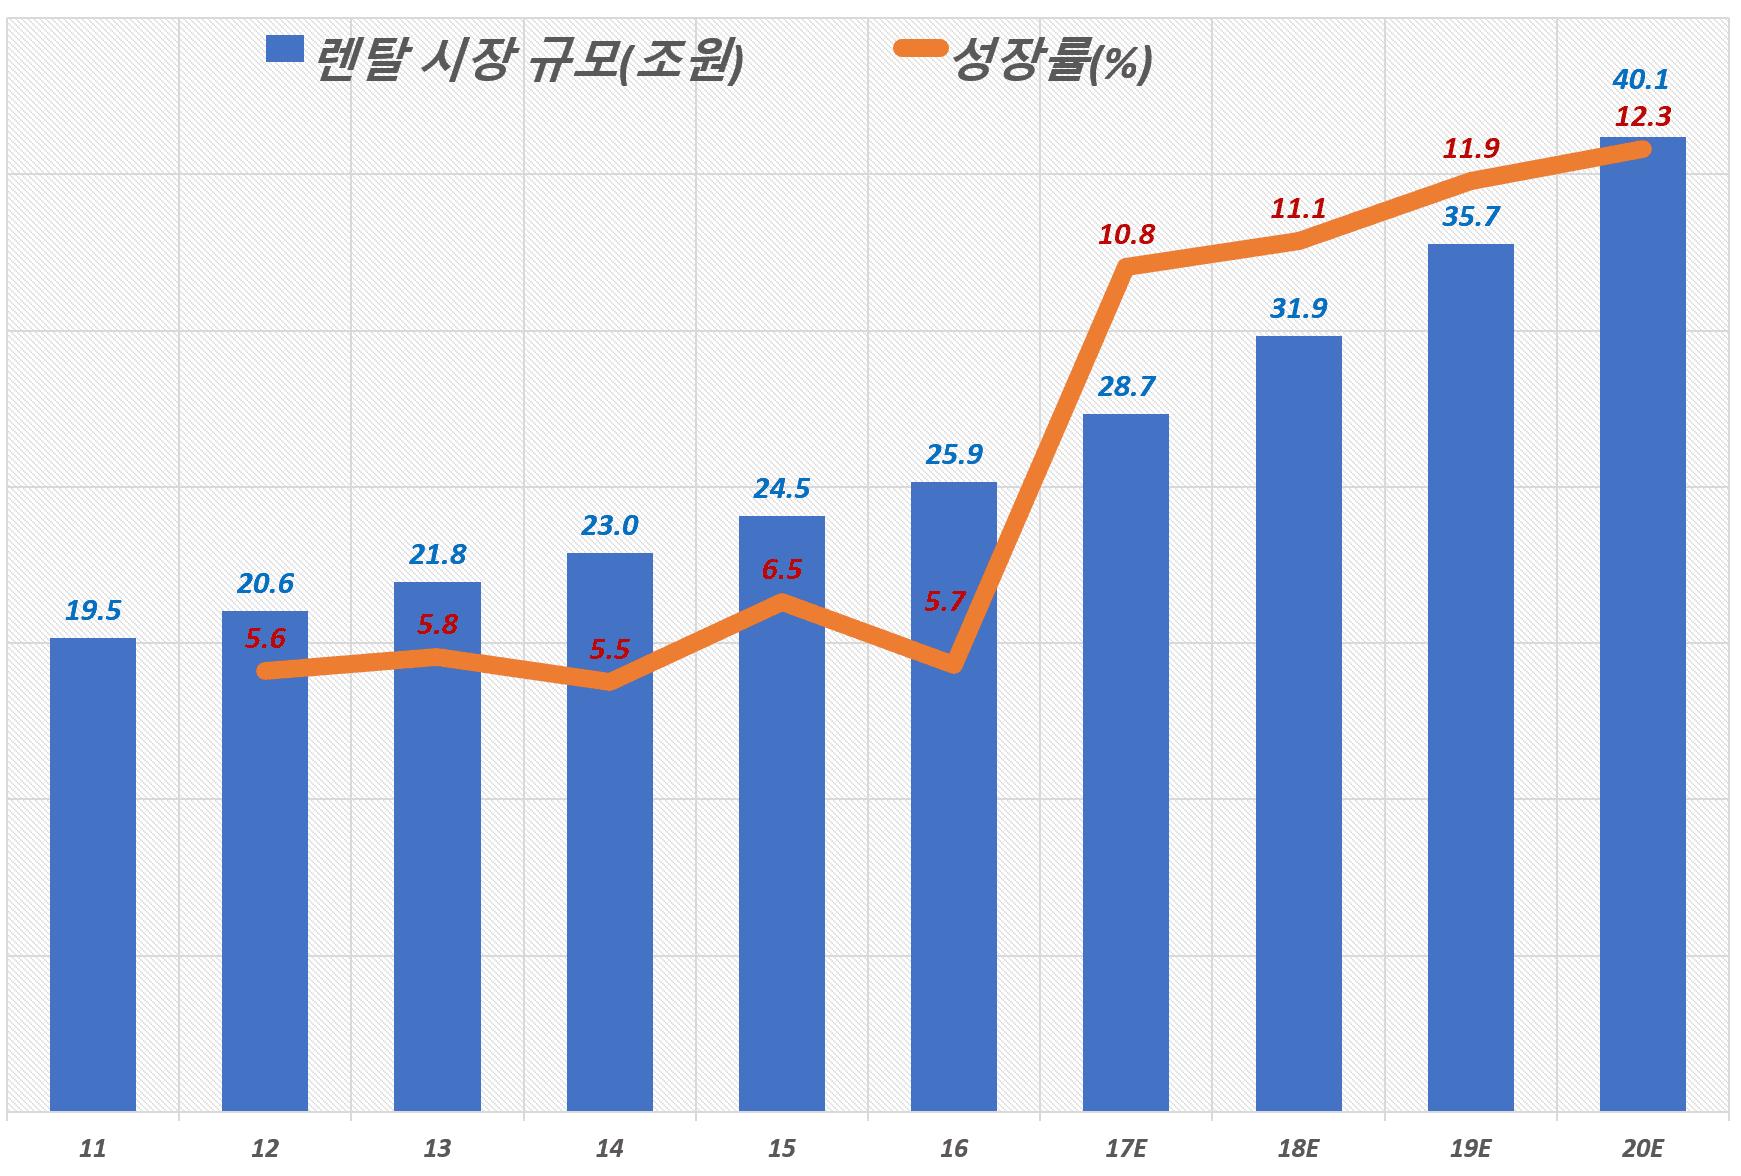 한국 렌탈 시장 규모 및 성장율, 2016년 KT경제연구소, ICT로 진화하는 스마트 렌탈 시장의 미래 참조, Graph by Happist